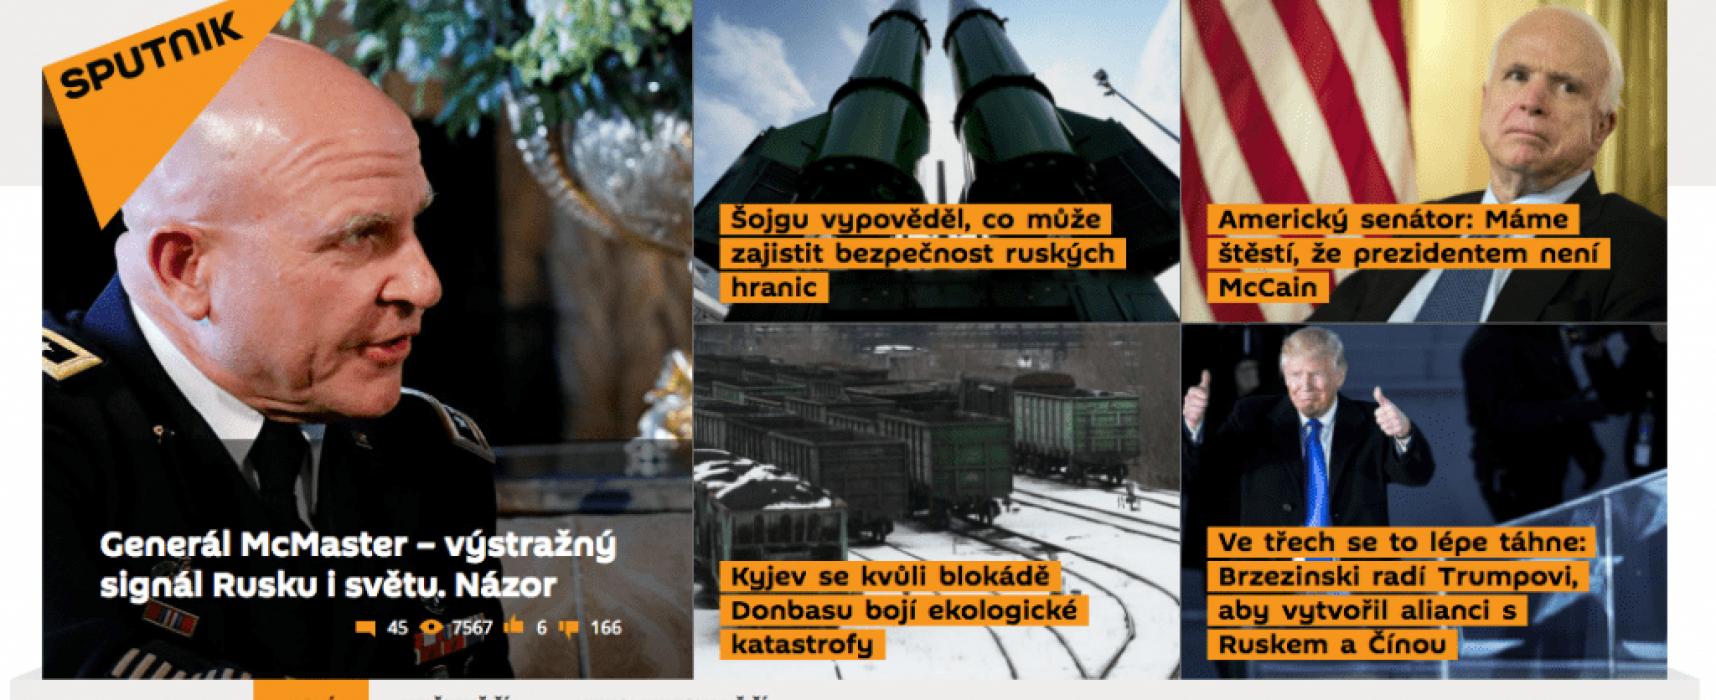 Proruské dezinformační kampaně: Perfektní lokalizace a přizpůsobení místním podmínkám